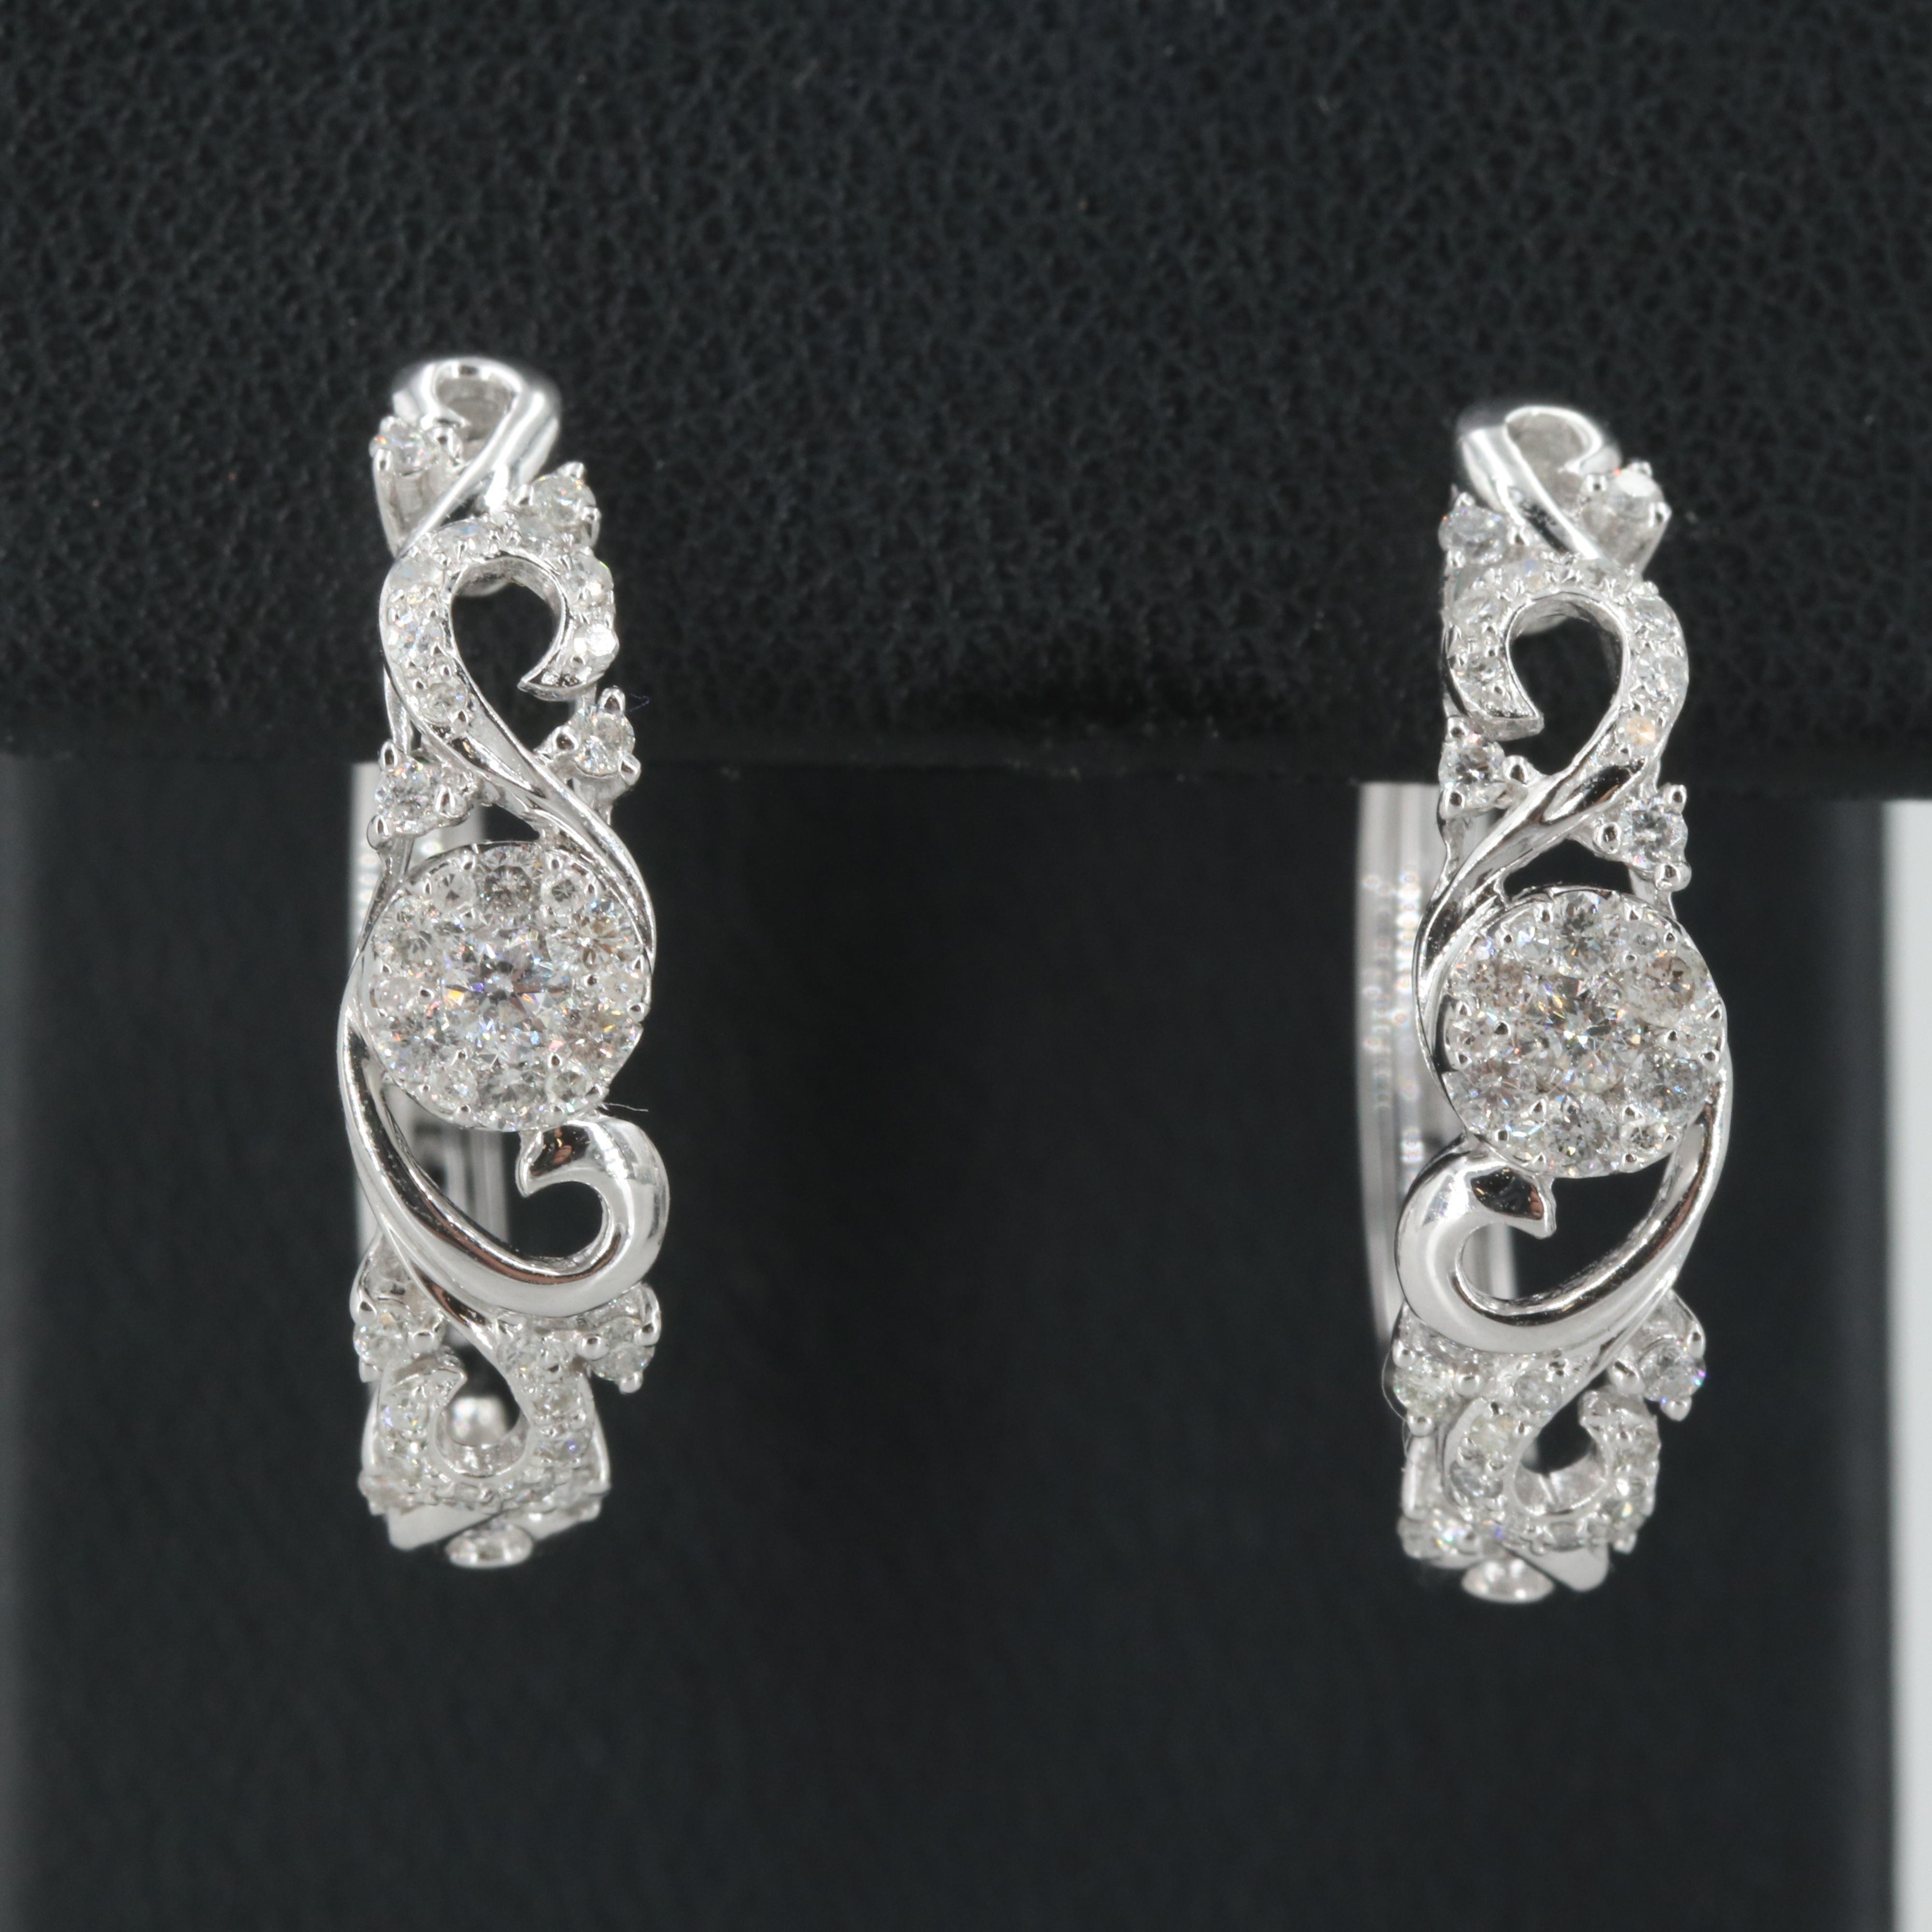 EFFY 14K White Gold Diamond Hoop Earrings